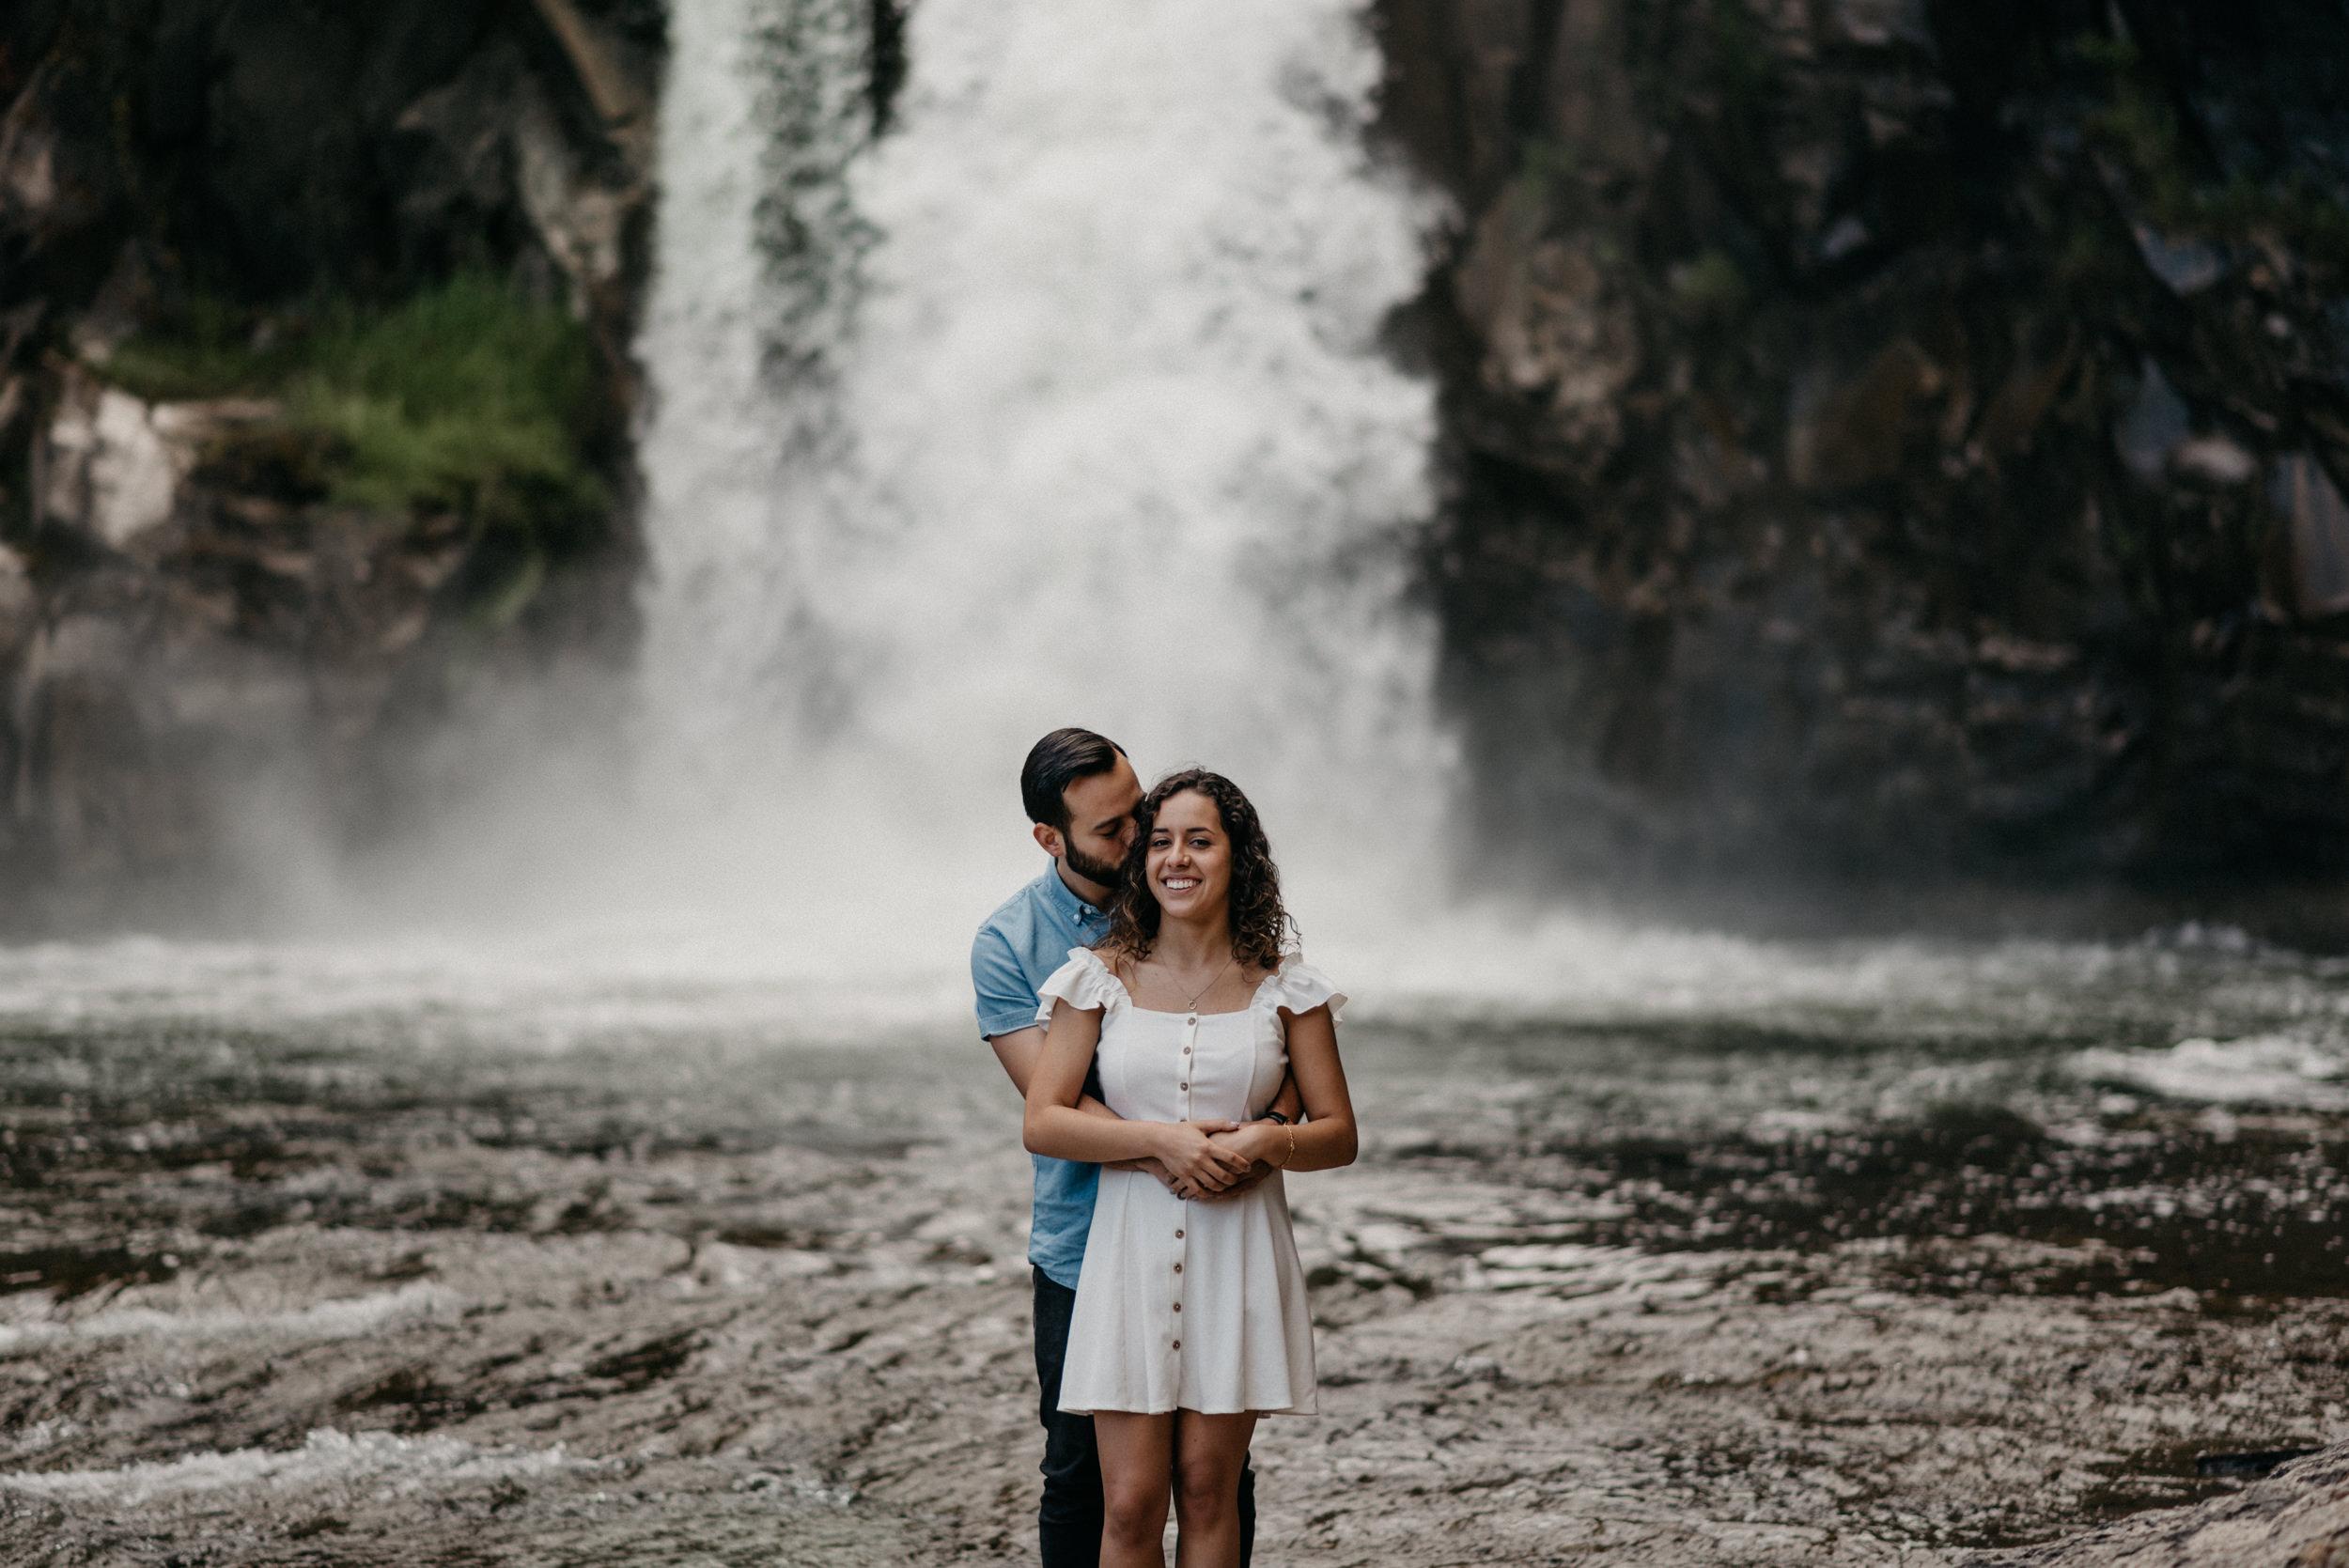 28-White-river-falls-state-park-engagement-5787.jpg